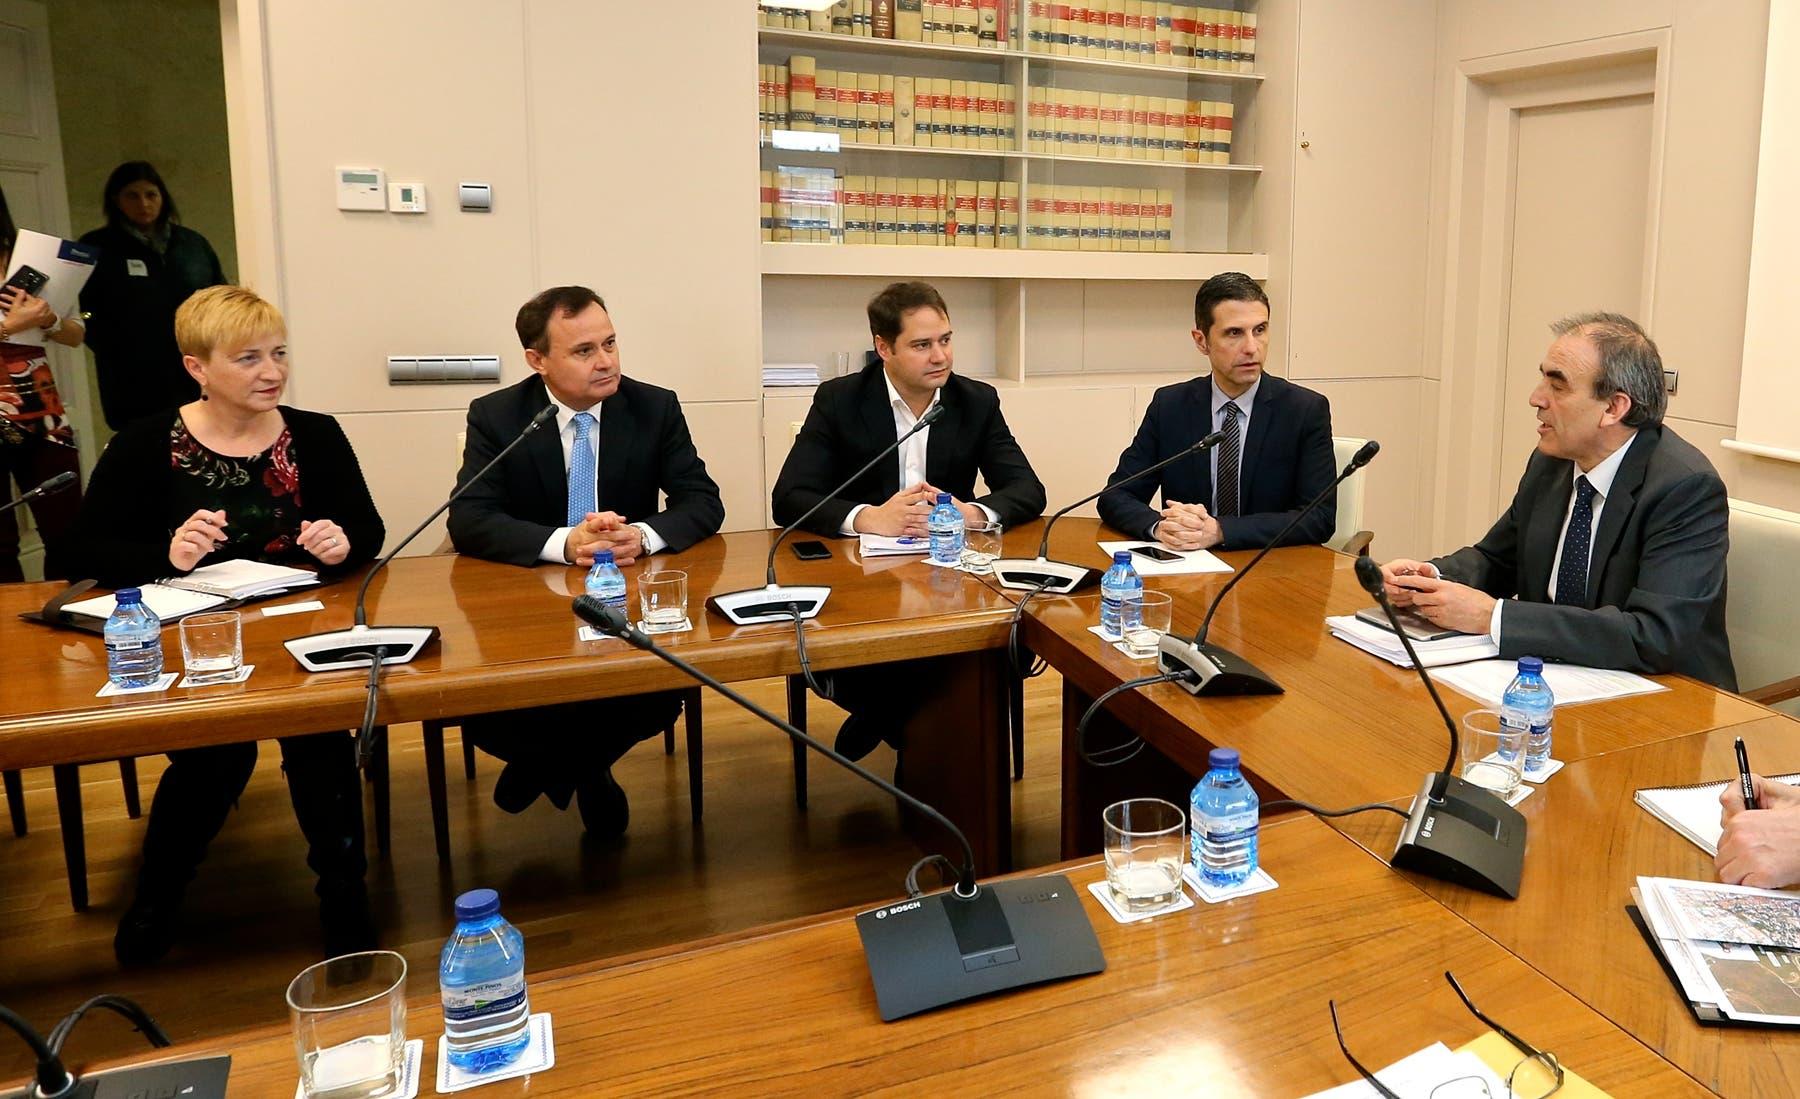 Reunión de los alcaldes con Fomento (Ayto. de Coslada).